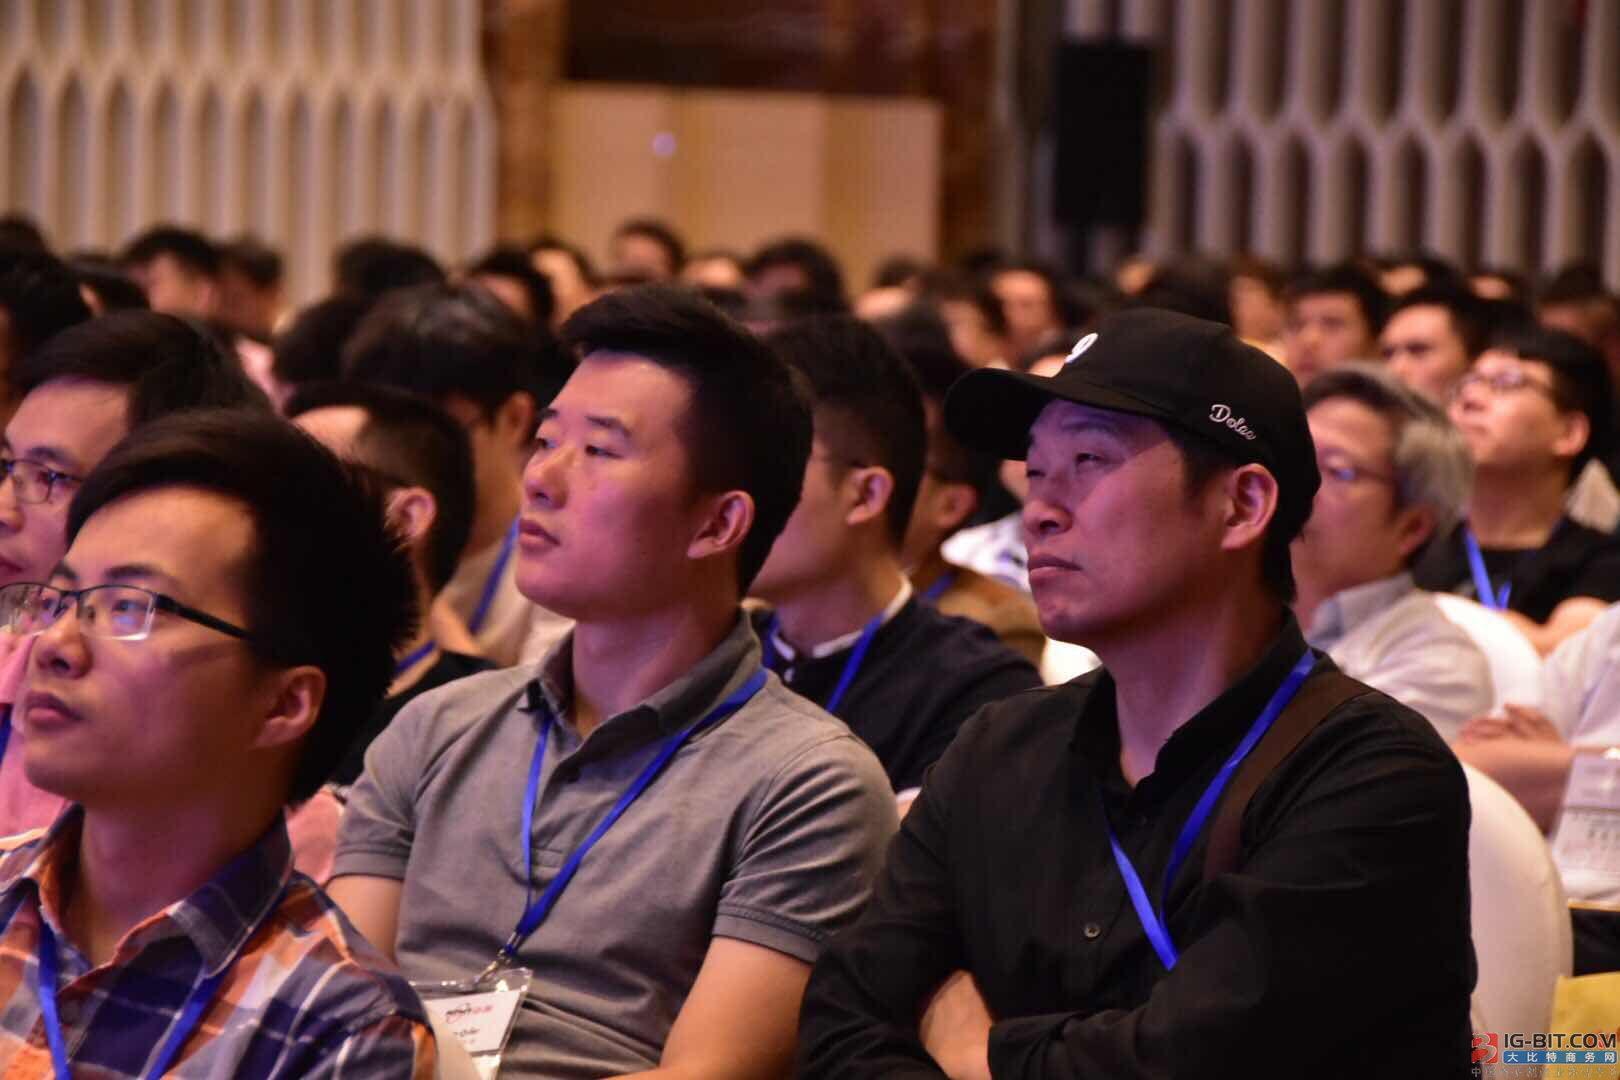 聚焦智能照明,第31屆智能照明與驅動技術研討會圓滿落幕